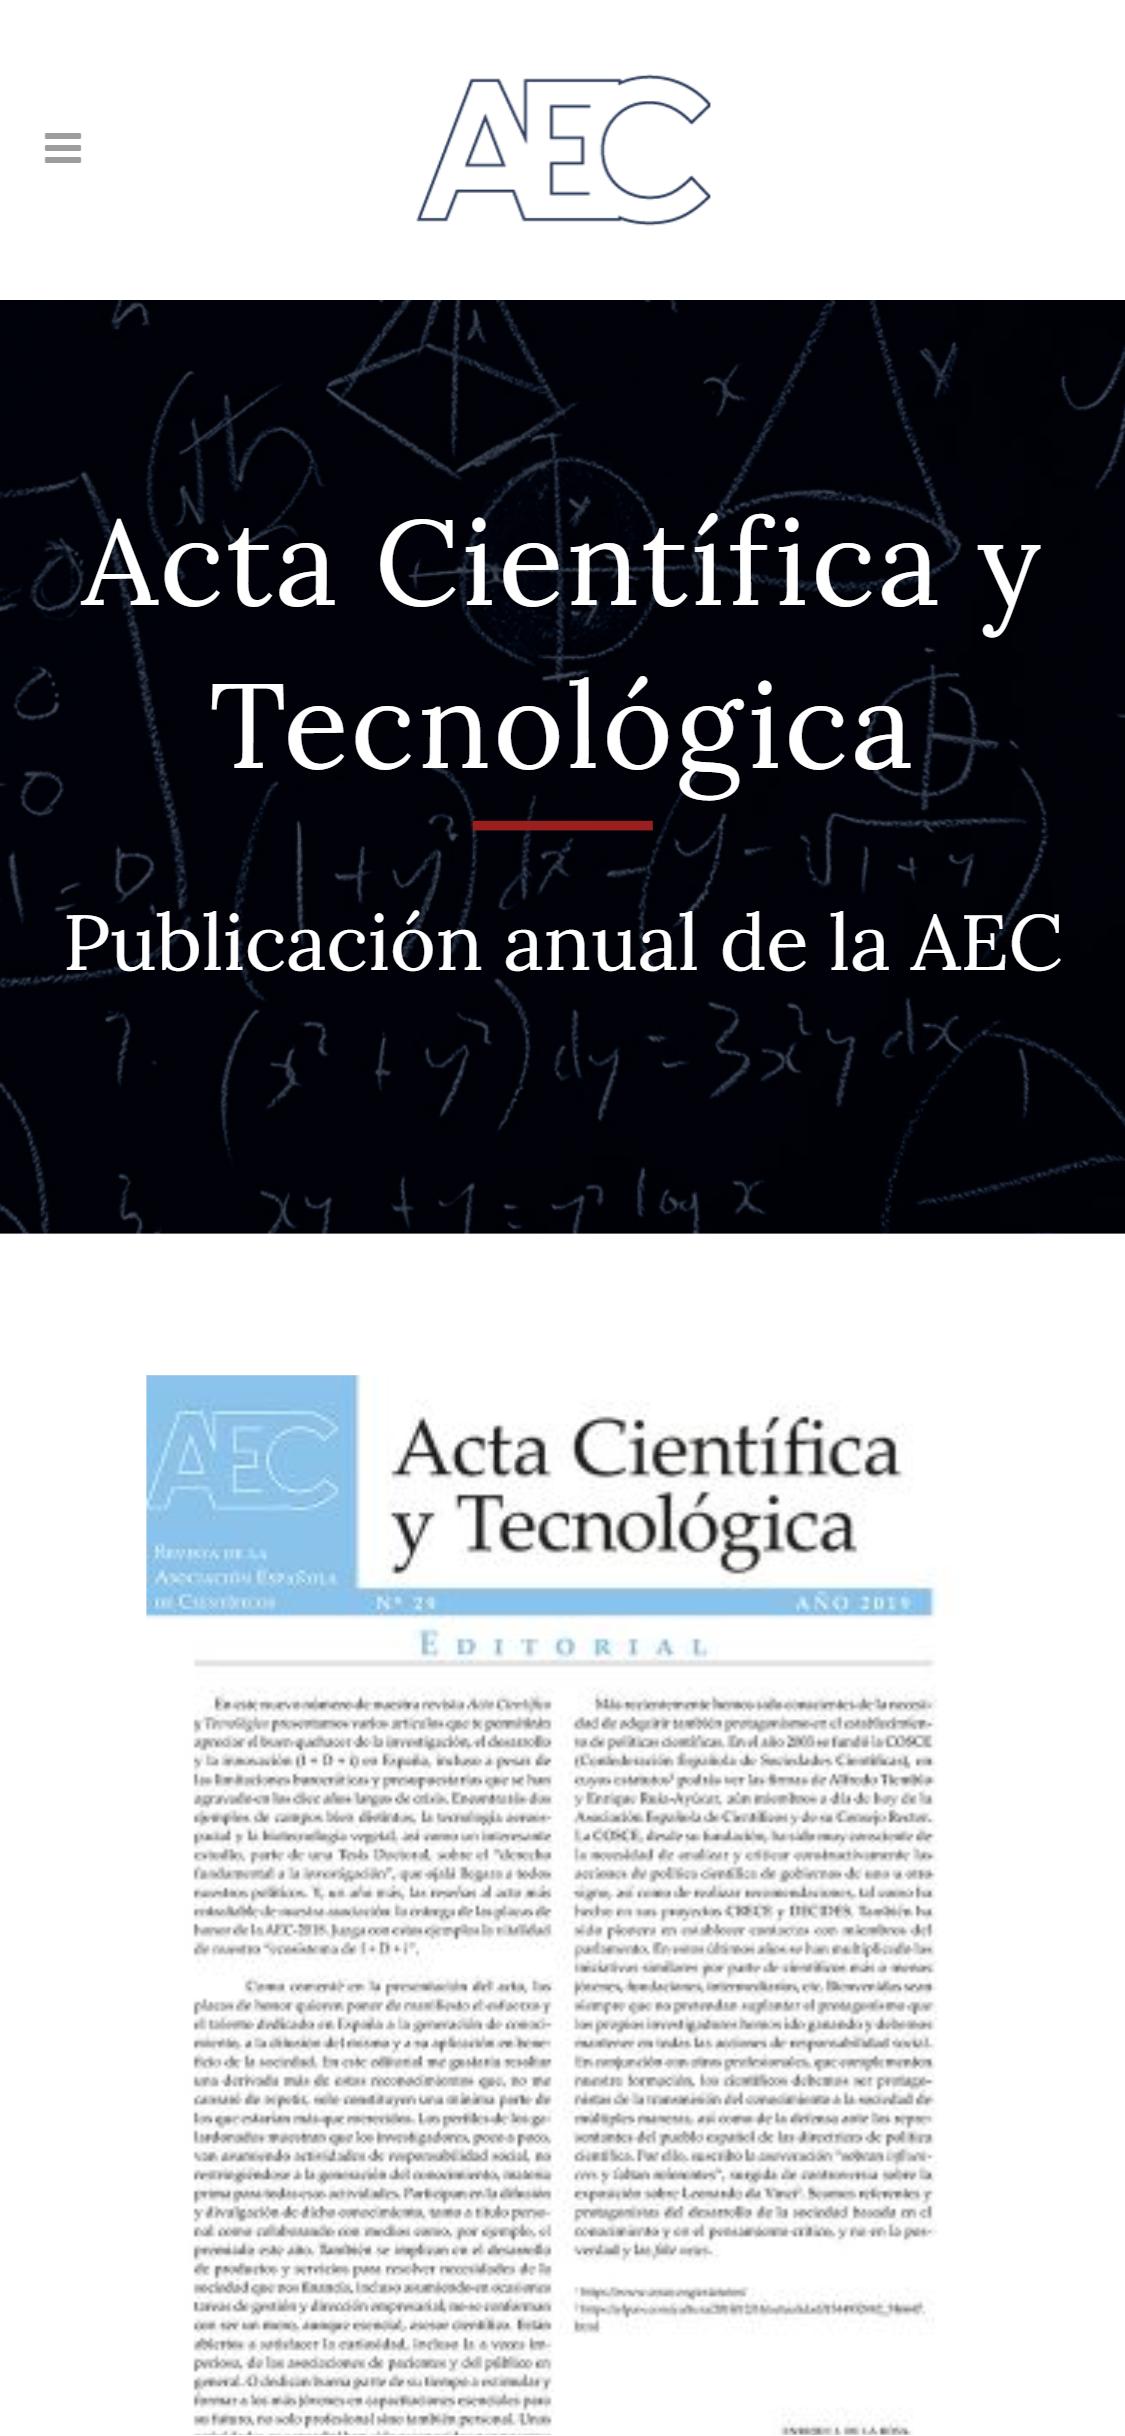 www.aecientificos.es_acta-cientifica-y-tecnologica_(iPhone X) (1)